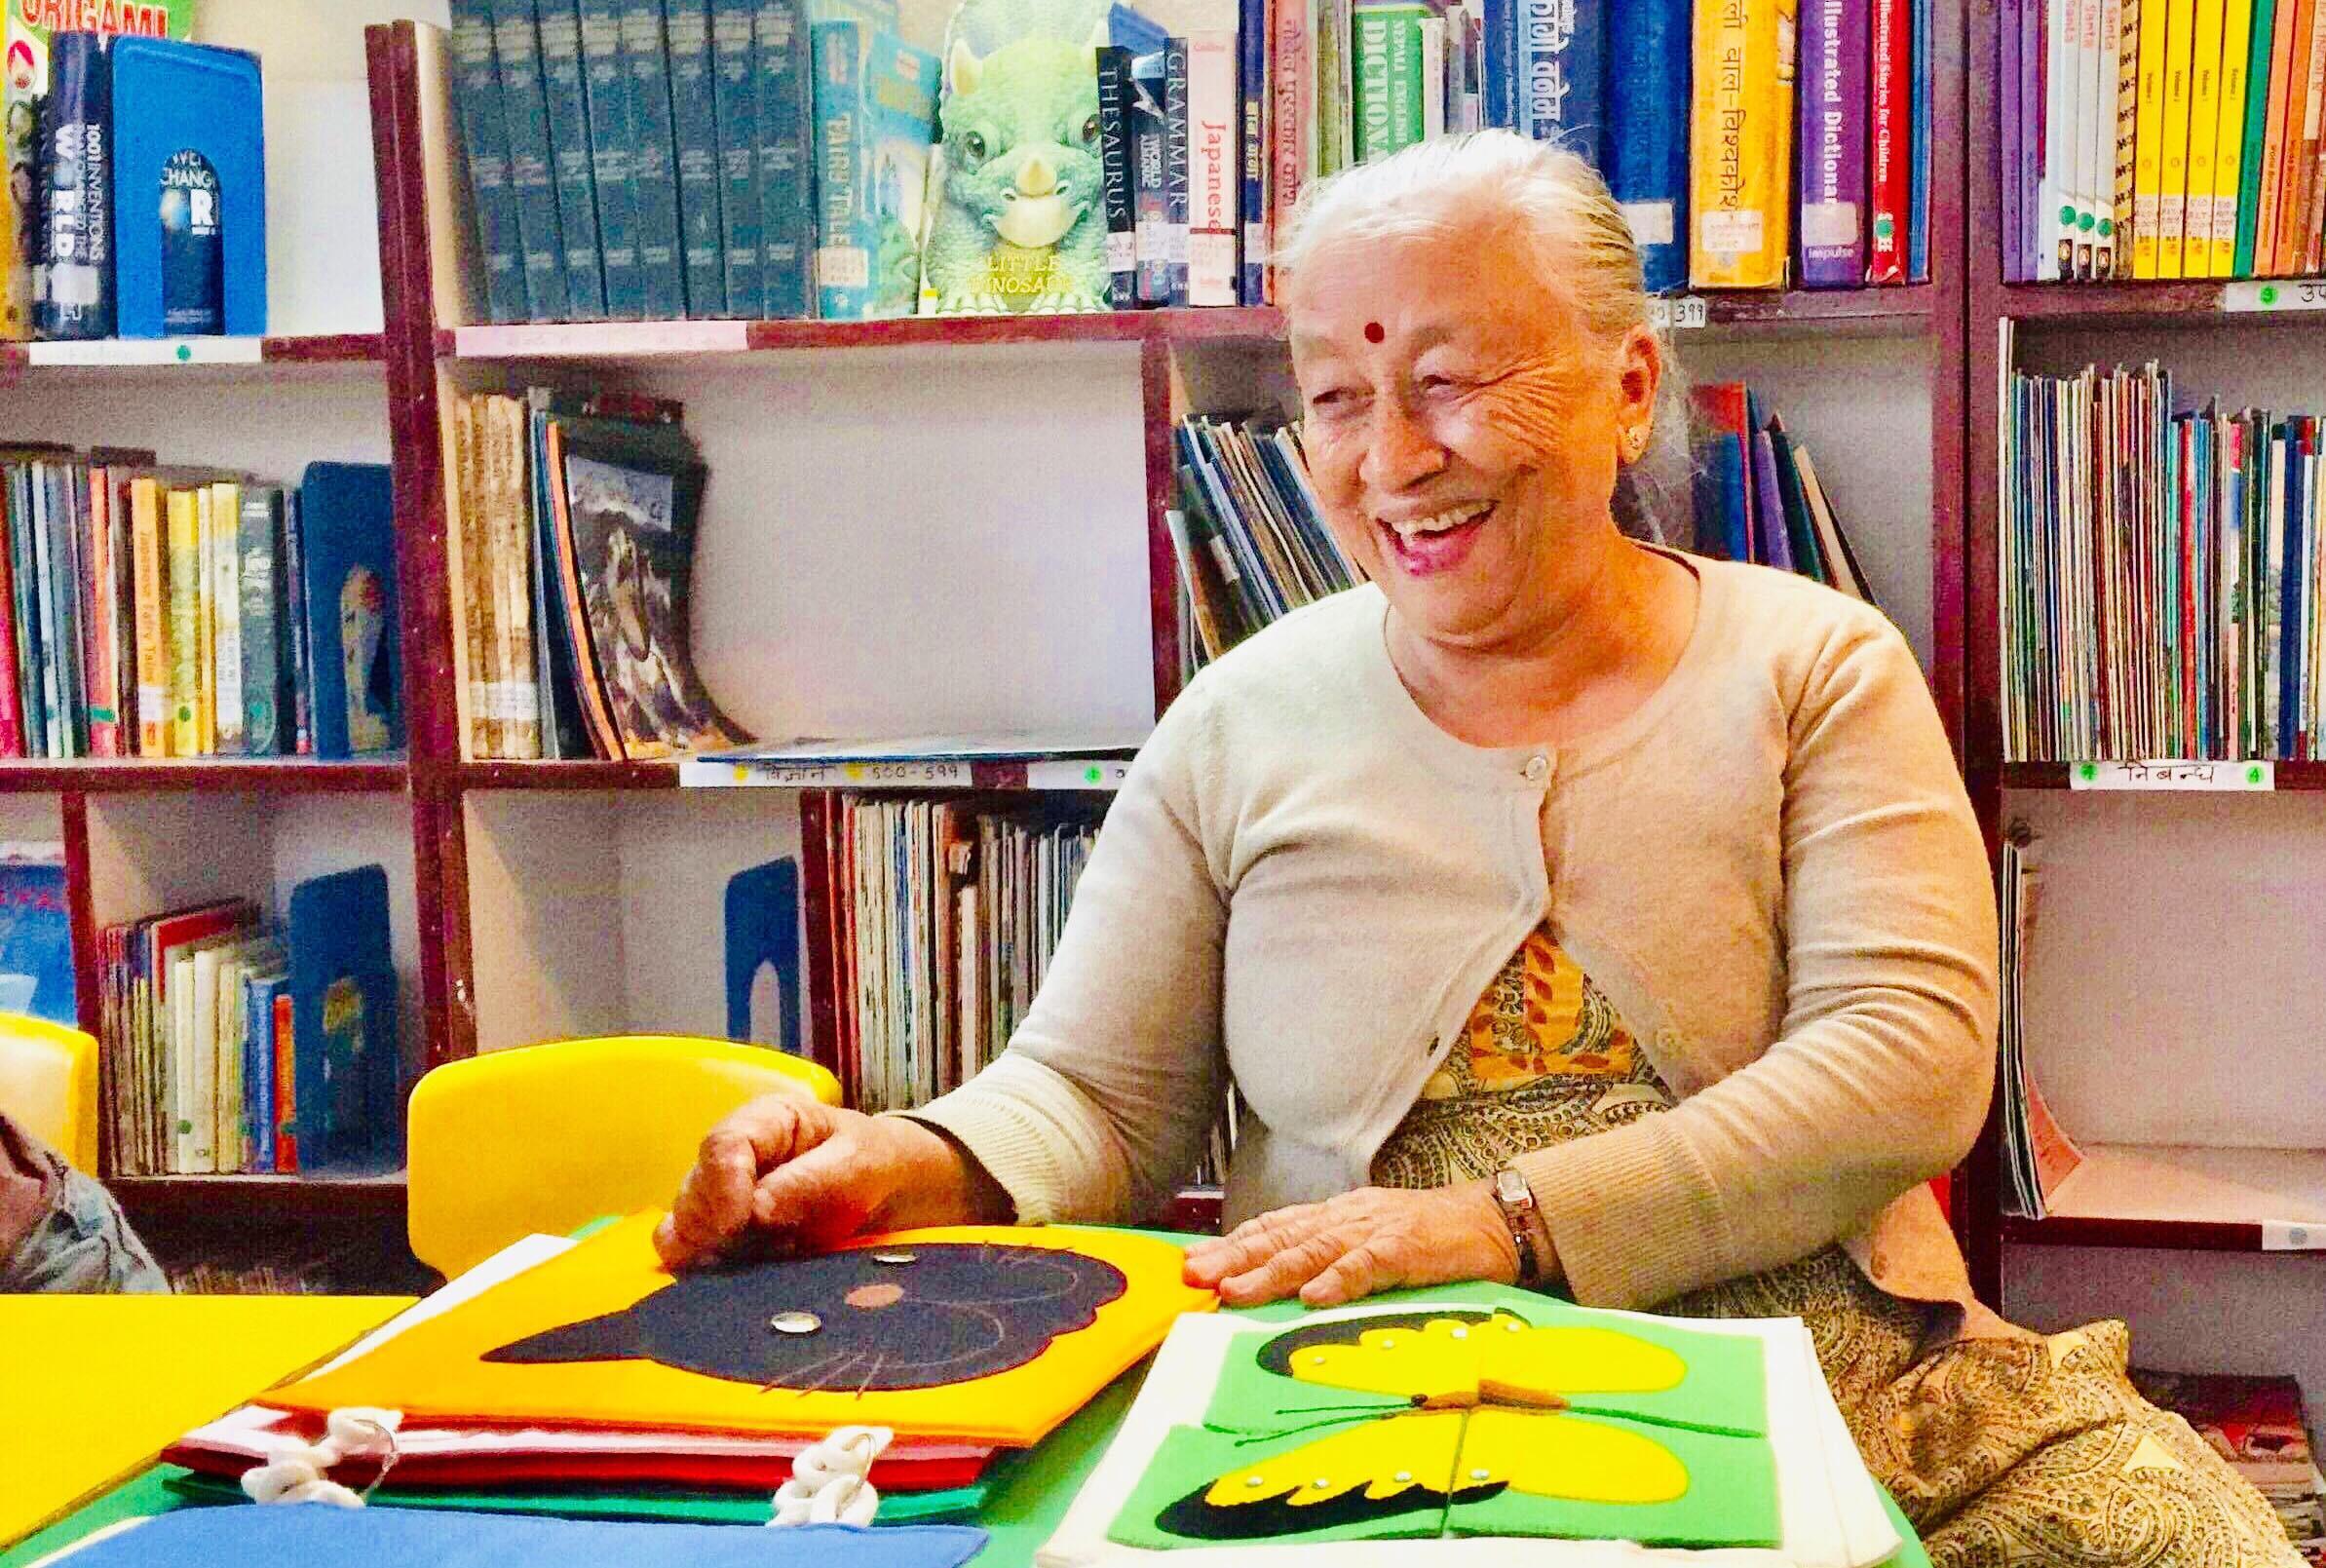 पुस्तकालयमा ७० वर्षीय ईन्दिरा। तस्बिरः शान्ति तामाङ